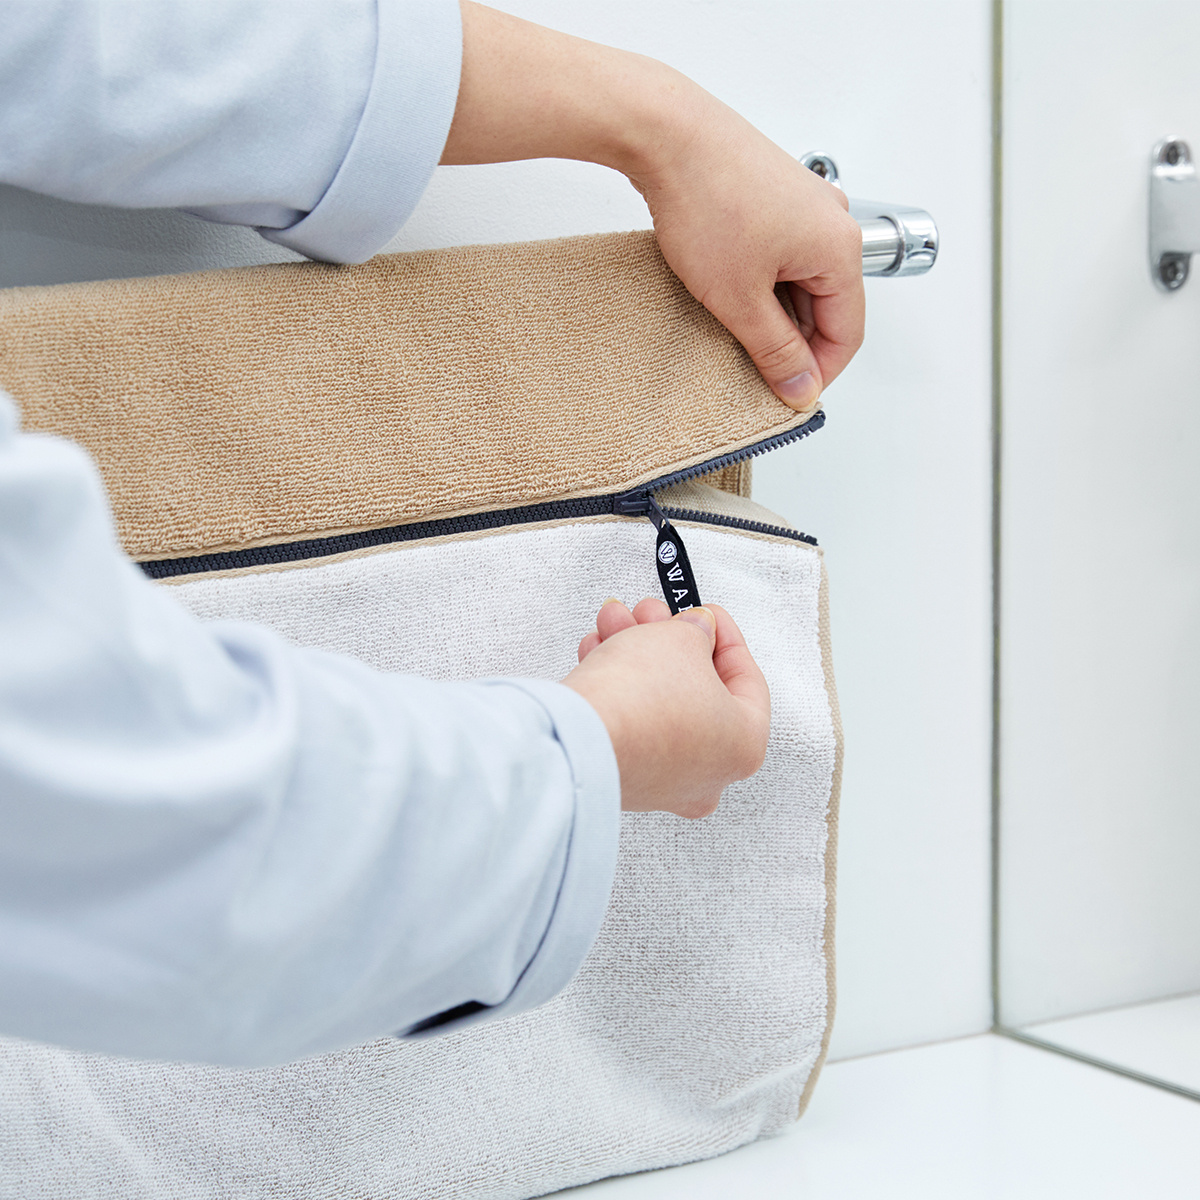 ふわっふわの肌触りで、お風呂上がりに羽織ると、実に気持ちいい!毎日のお風呂や、ジムの運動後が楽しみに。酸化チタンと銀の作用で、生乾き臭・汗臭の菌を分解する「タオル」|WARP